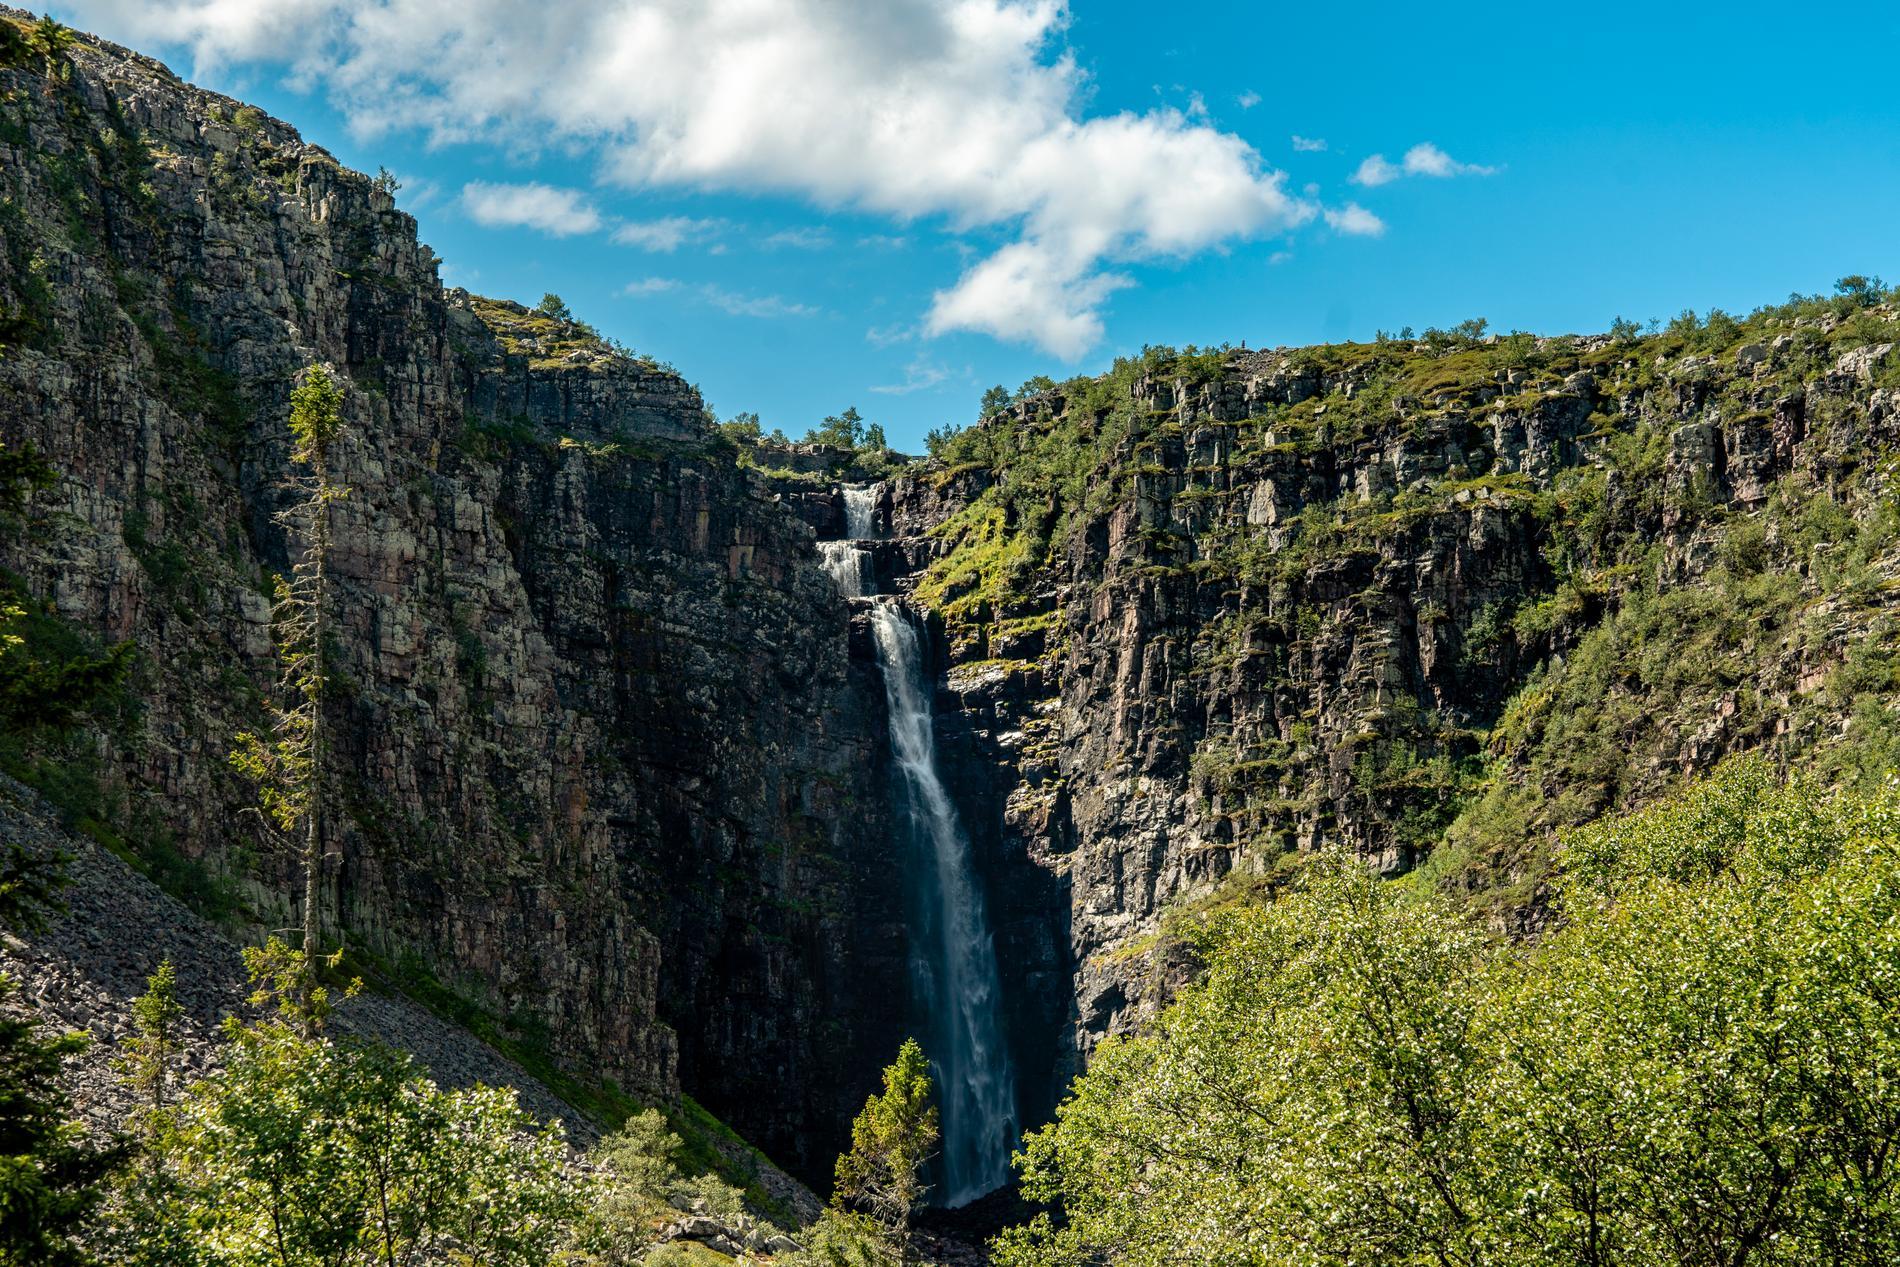 Njupeskärs vattenfall är Sveriges högsta vattenfall.